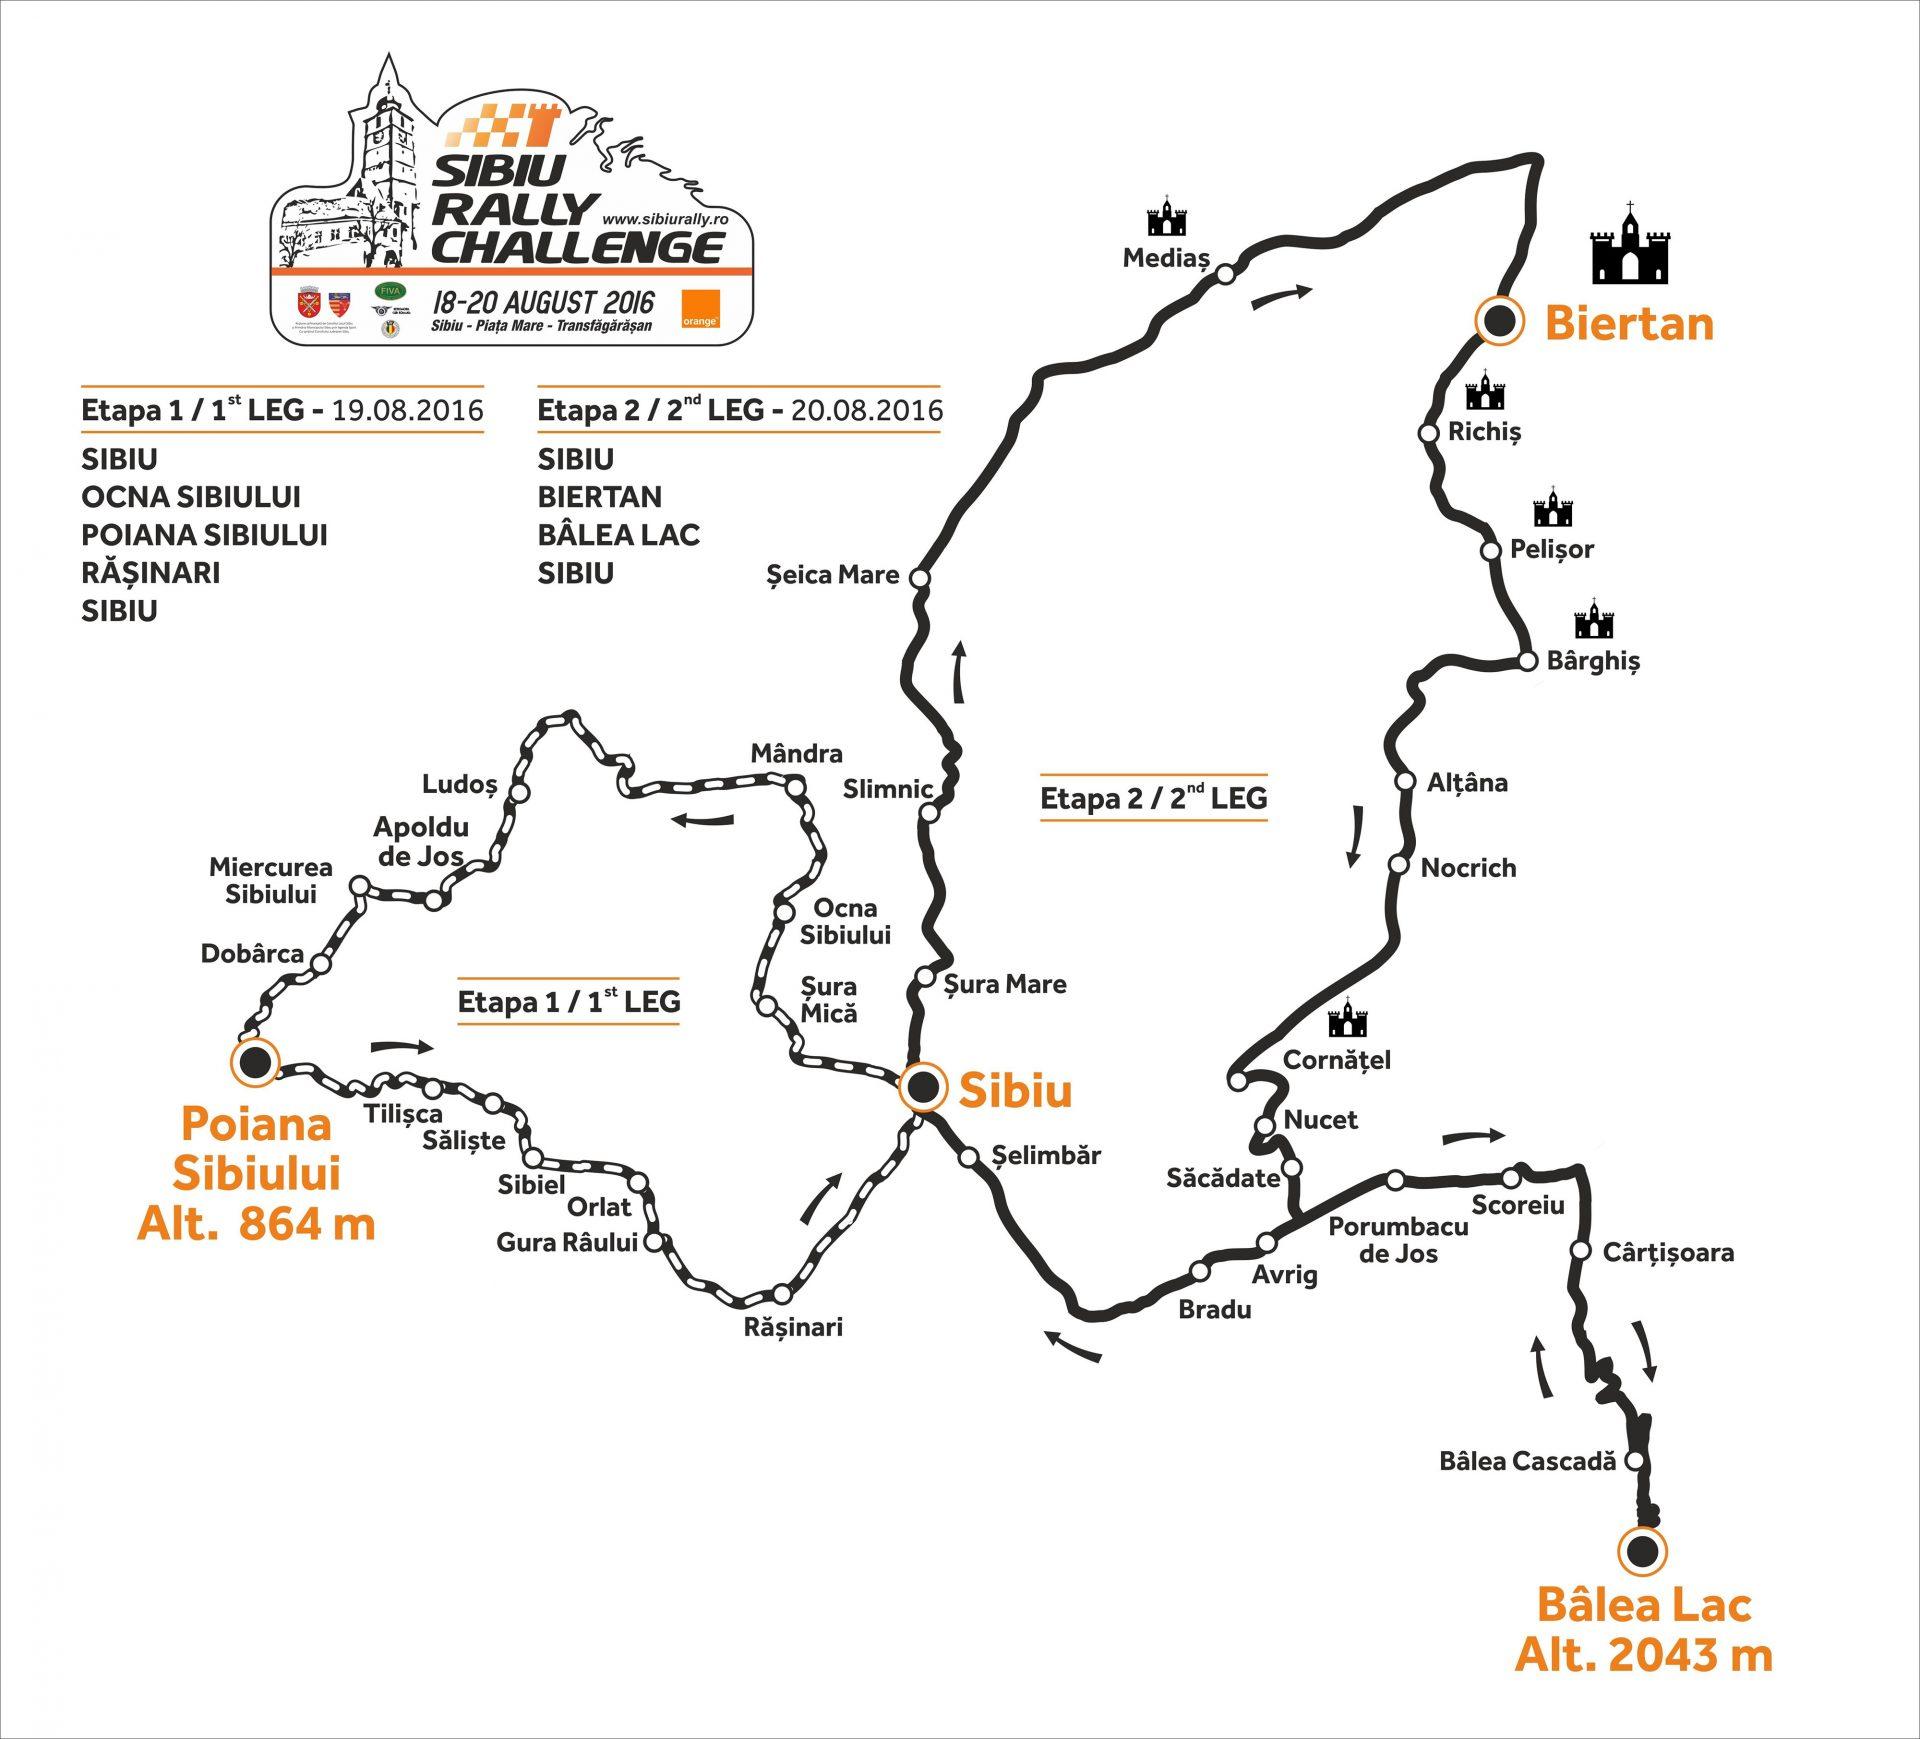 S-au deschis inscrierile pentru Sibiu Rally Challenge 2016